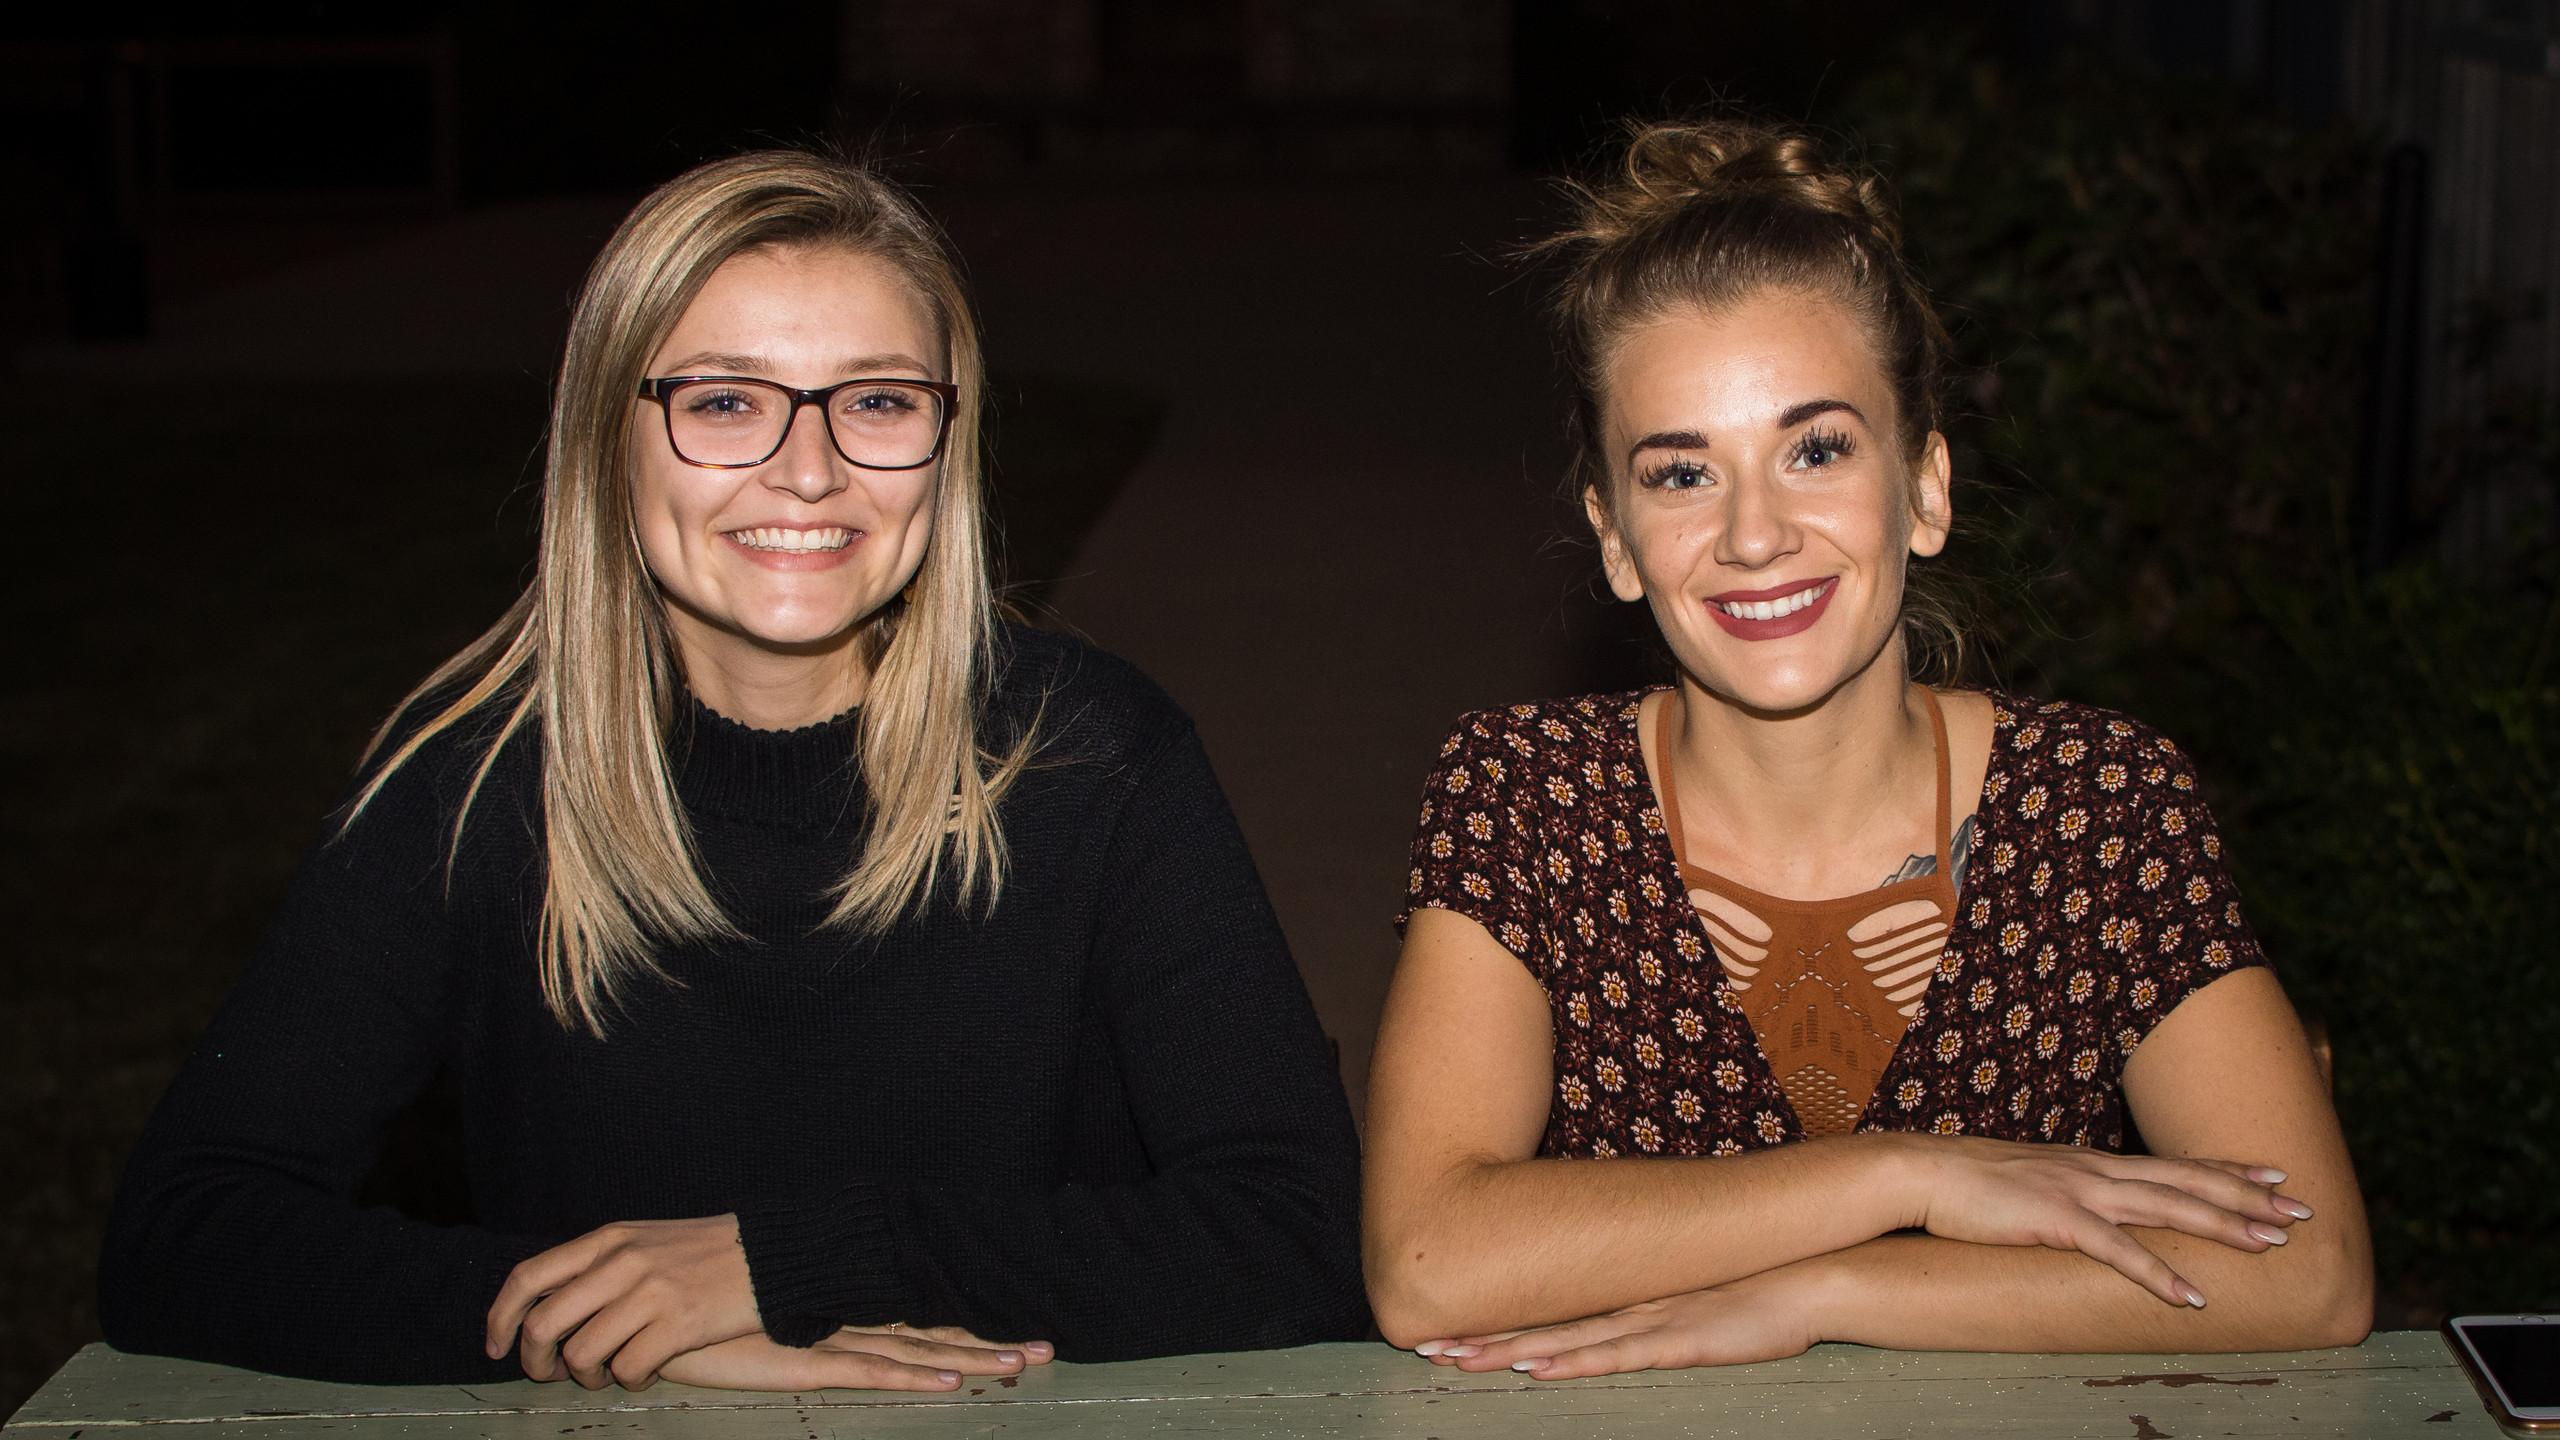 Shelby Ledgerwood and Amanda Shake